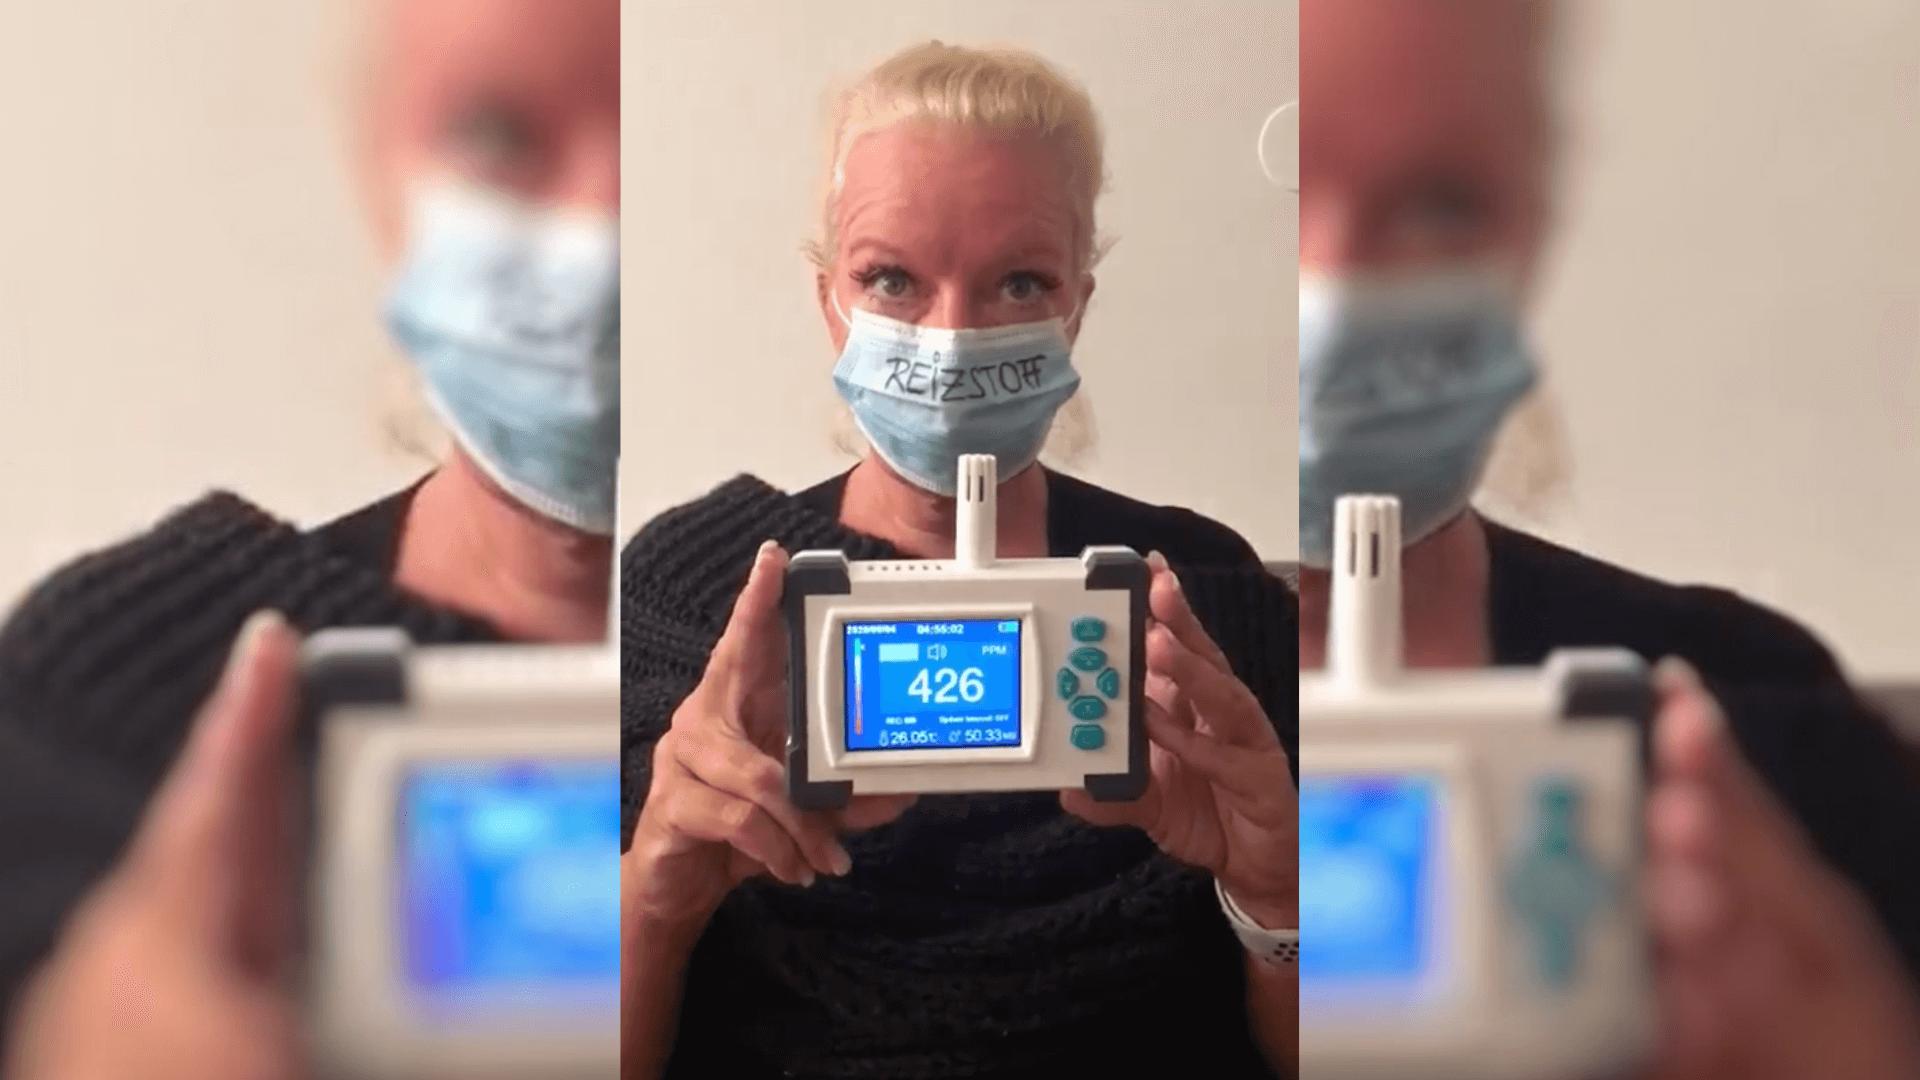 Nein, unter einem Mund-Nasen-Schutz steigt die CO2-Konzentration nicht auf einen gesundheitsgefährdenden Wert